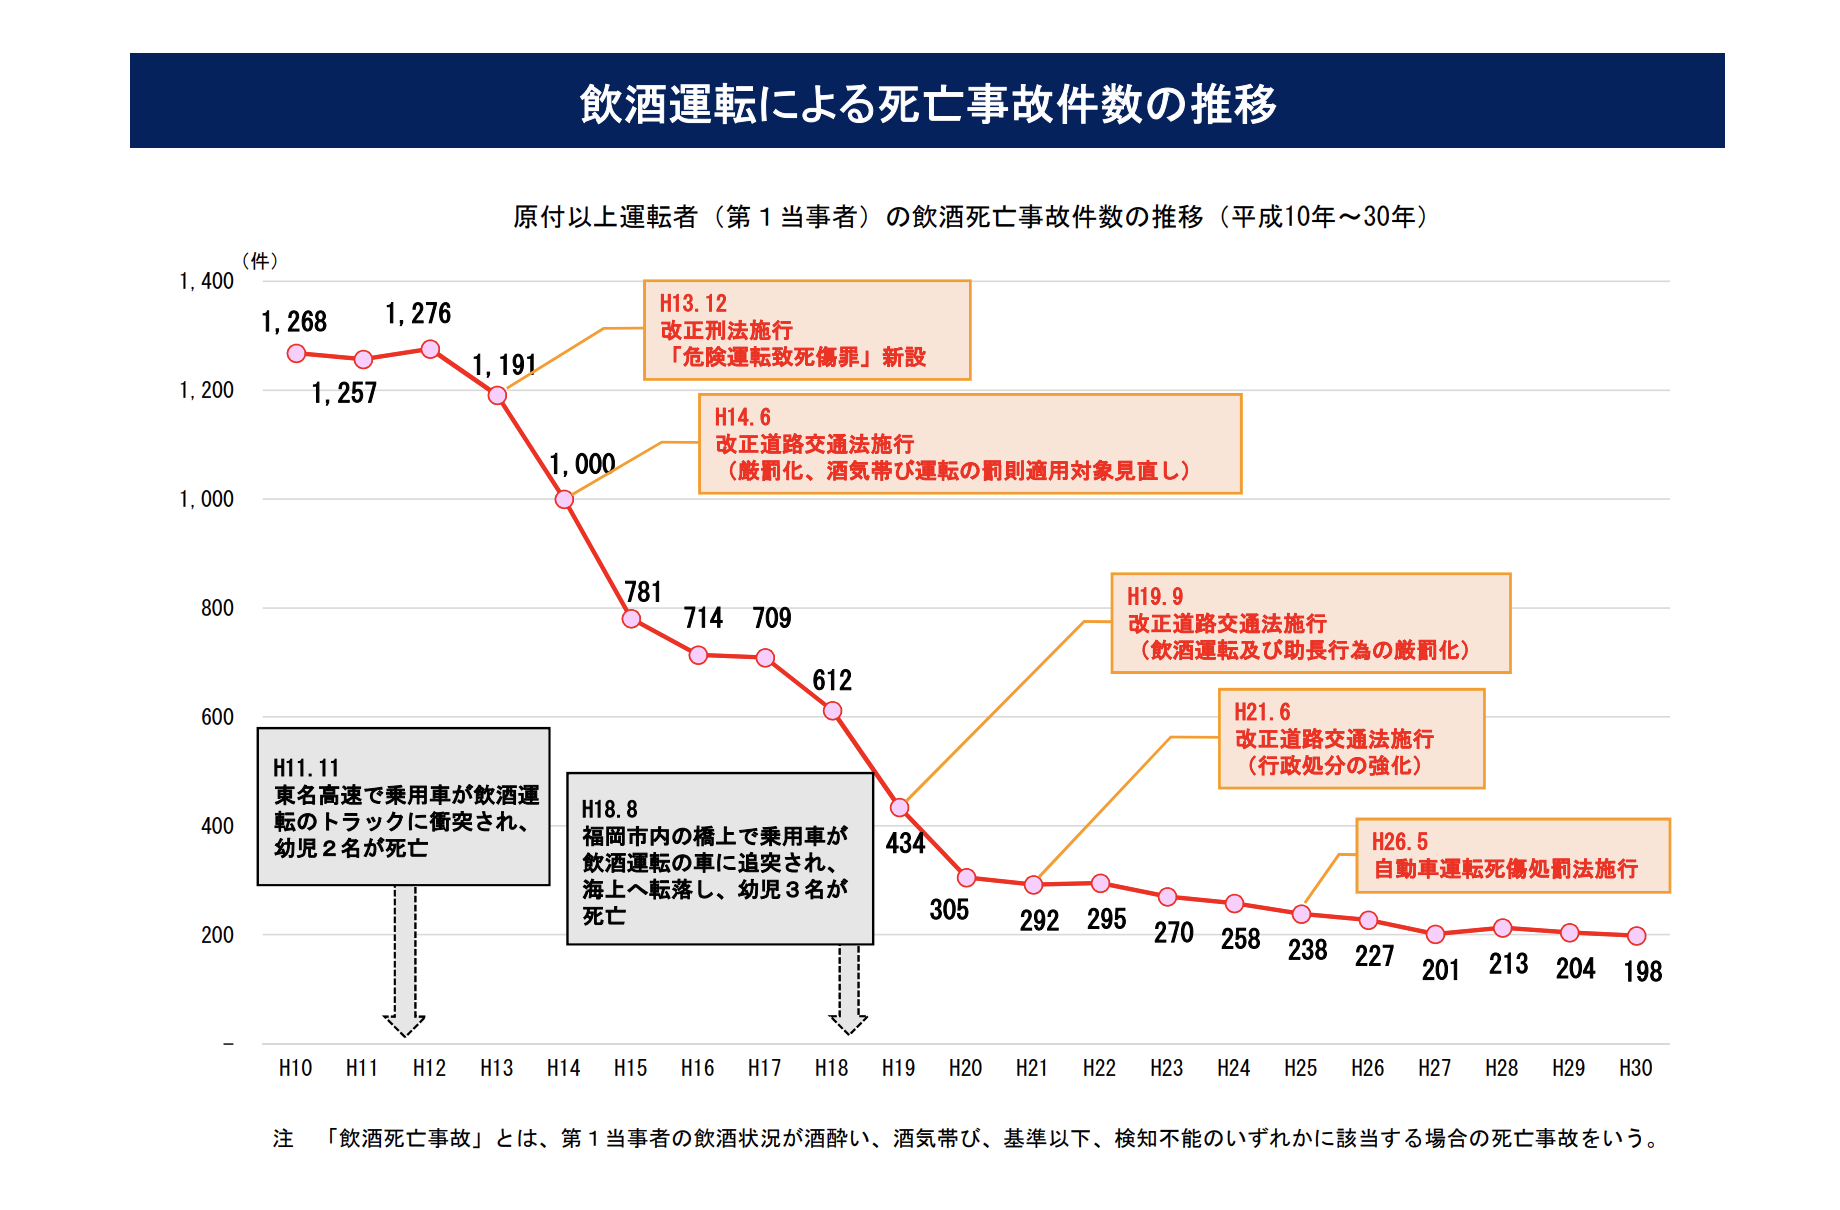 飲酒運転の事故推移グラフ